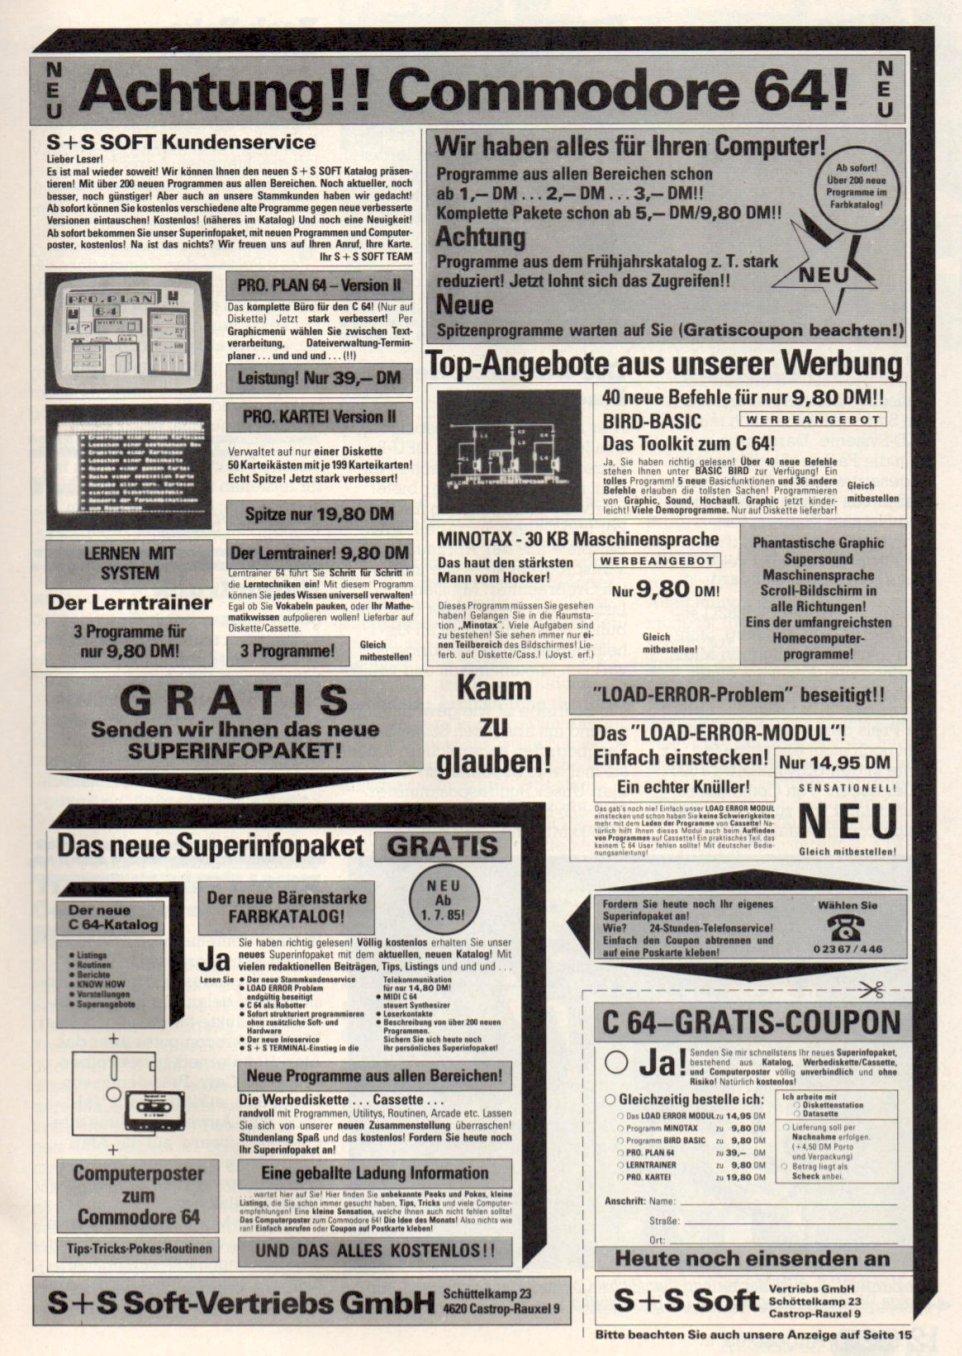 S+S-Inserat in der RUN, Ausgabe 08/1985. (Bild: RUN Magazin)